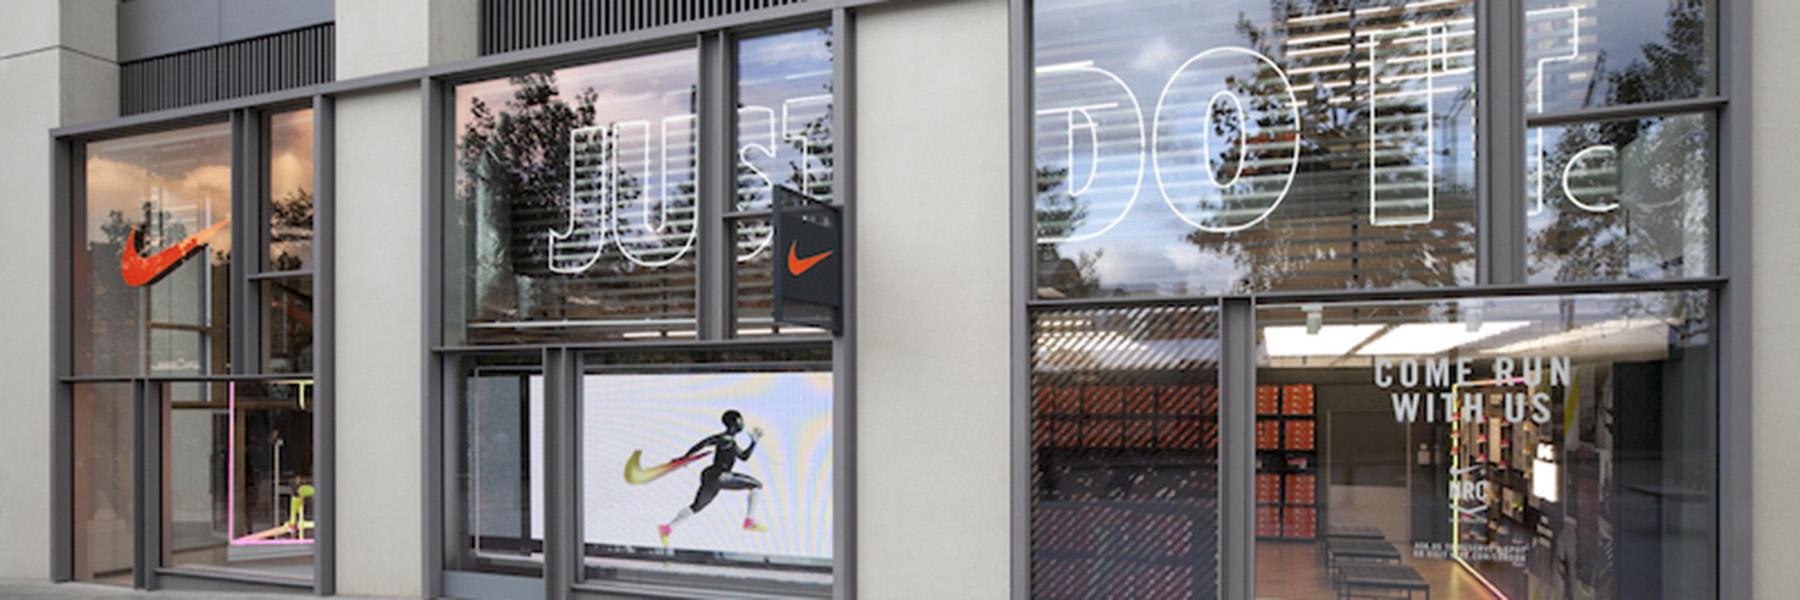 b20fb6624f457 Nike Factory Store Getafe. Getafe